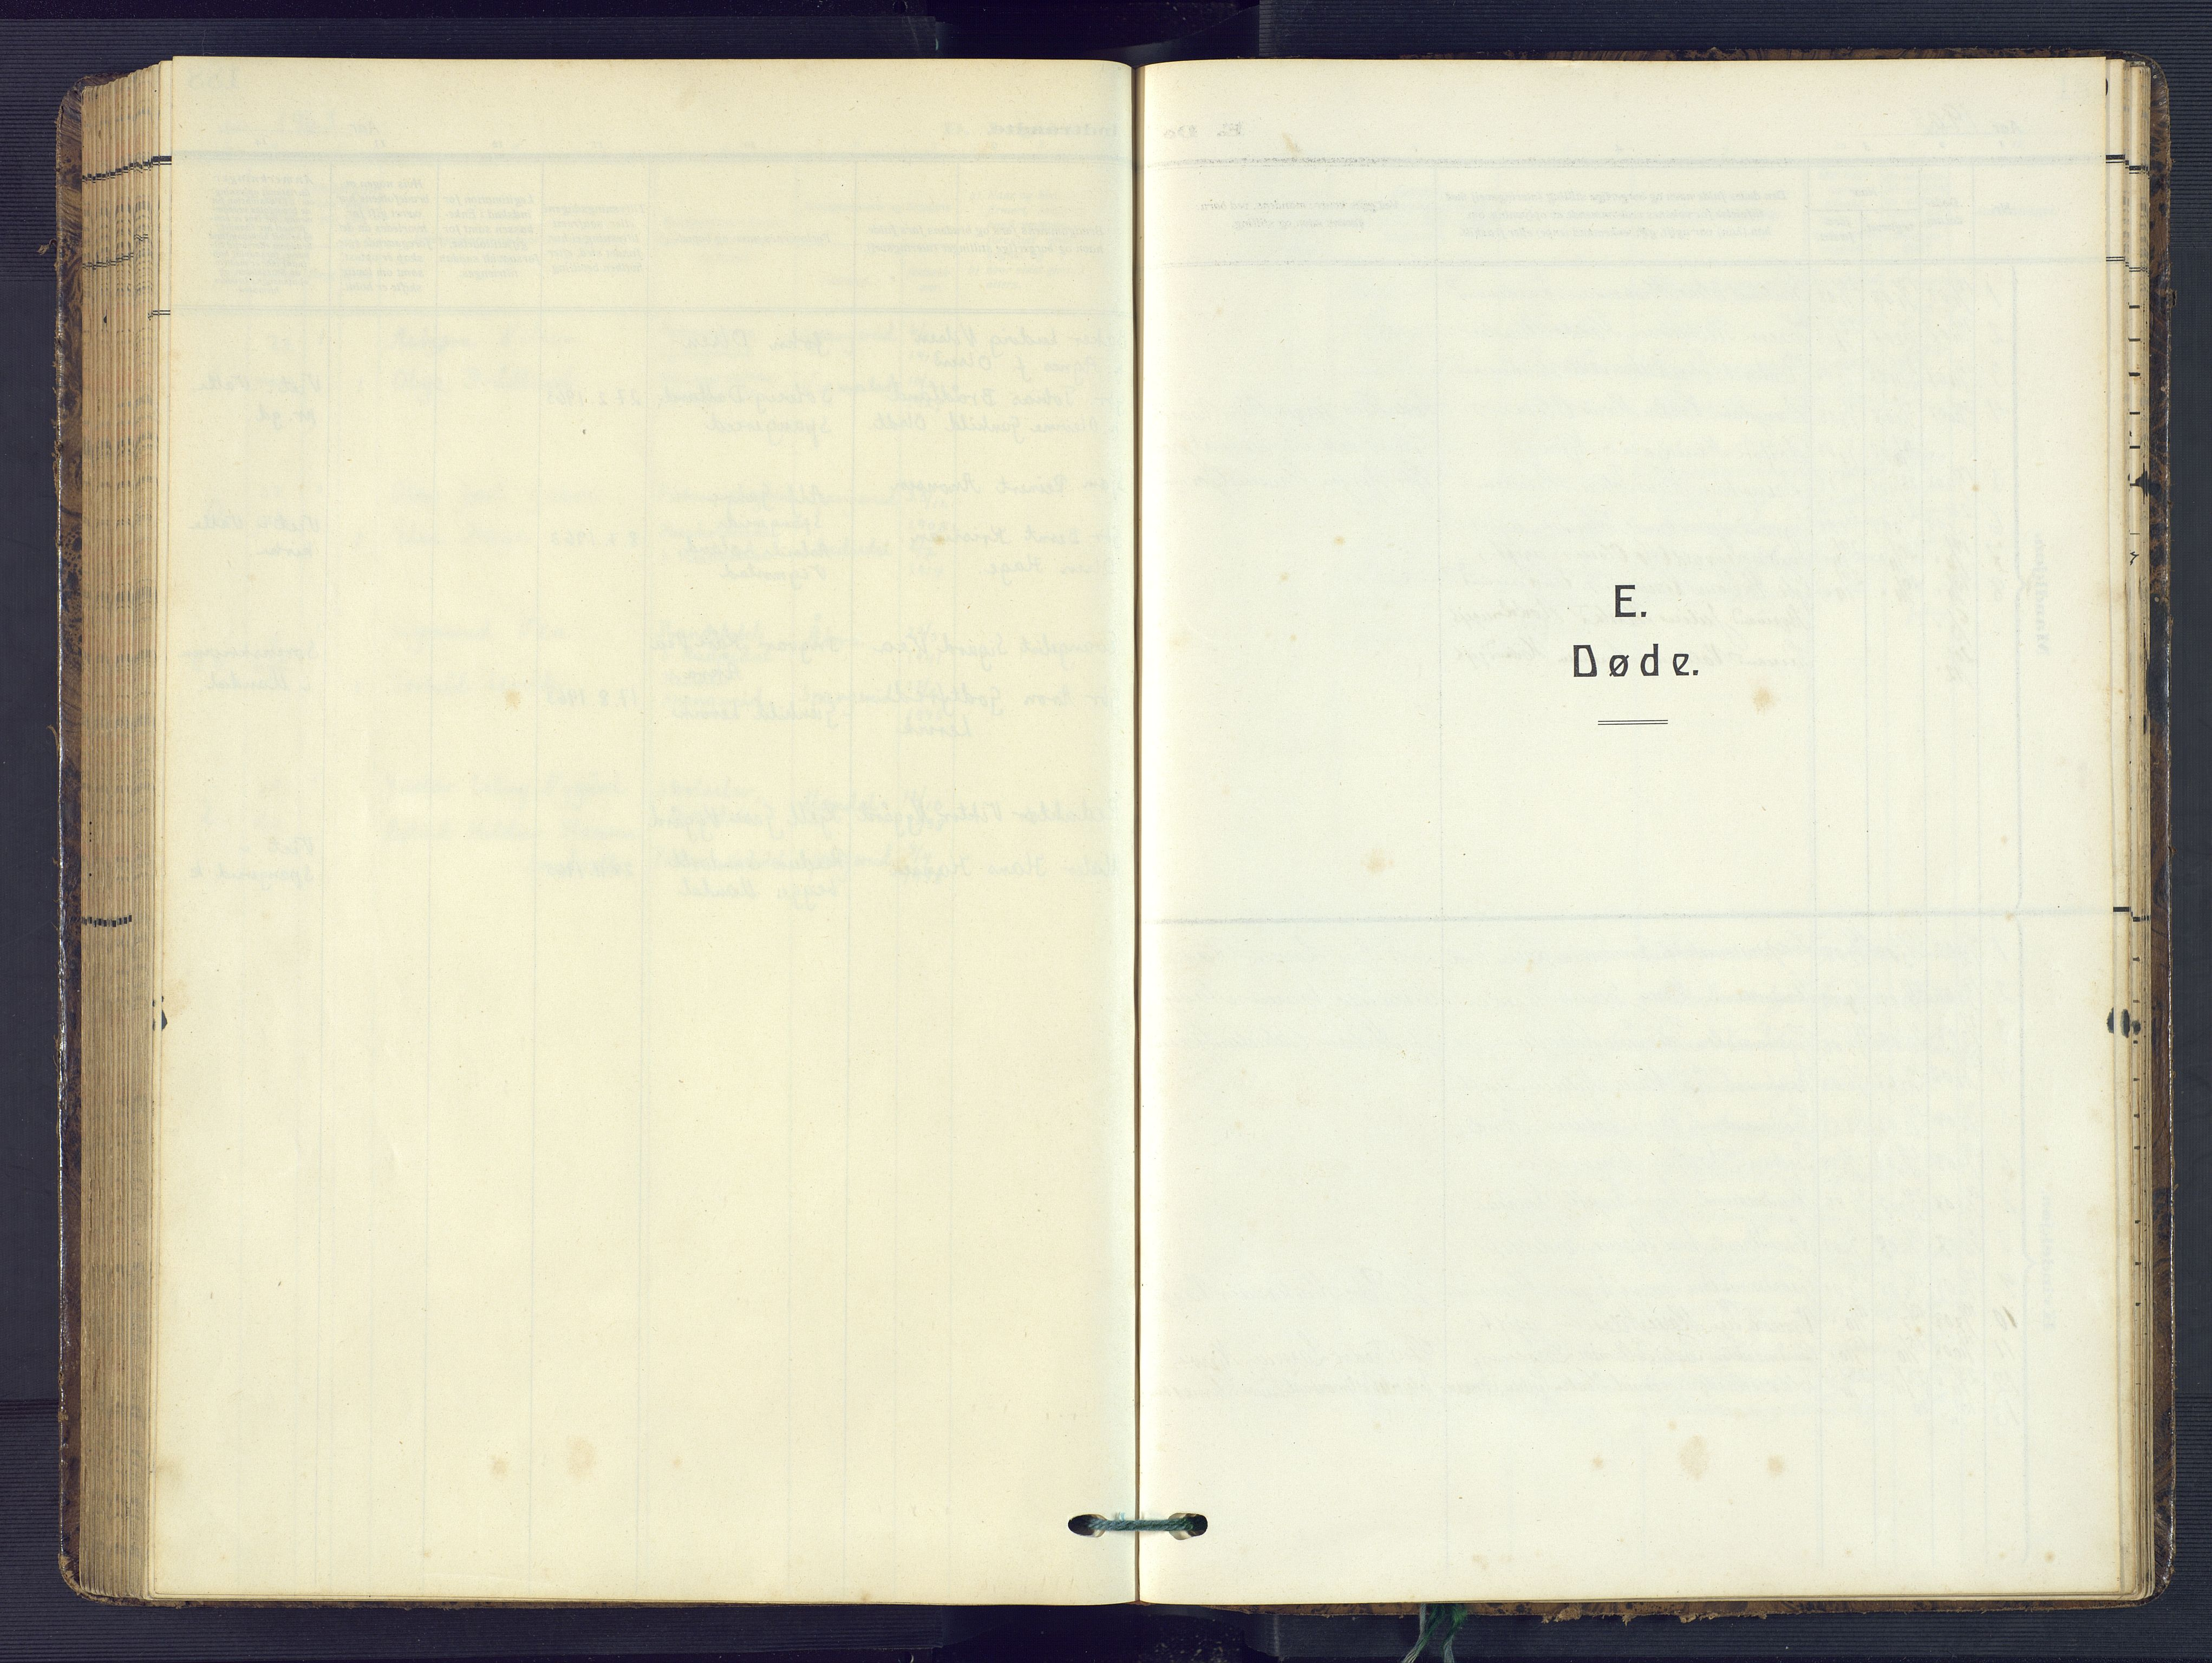 SAK, Sør-Audnedal sokneprestkontor, F/Fb/Fba/L0005: Klokkerbok nr. B 5, 1908-1963